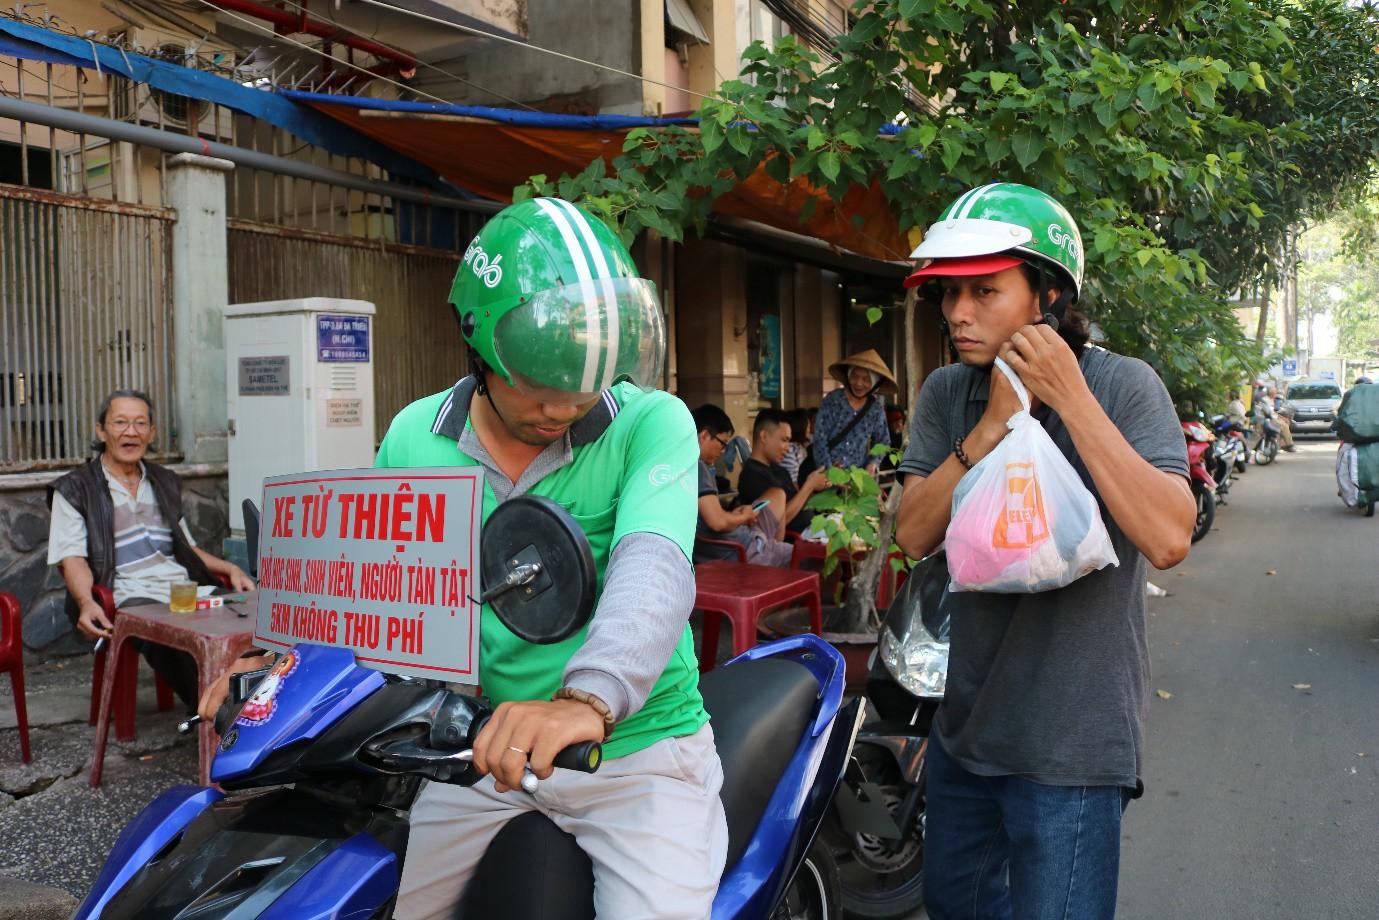 Chàng tài xế Grab và tấm bảng 'xe từ thiện chở học sinh, sinh viên, người tàn tật - 5 km không thu phí' - Ảnh 3.